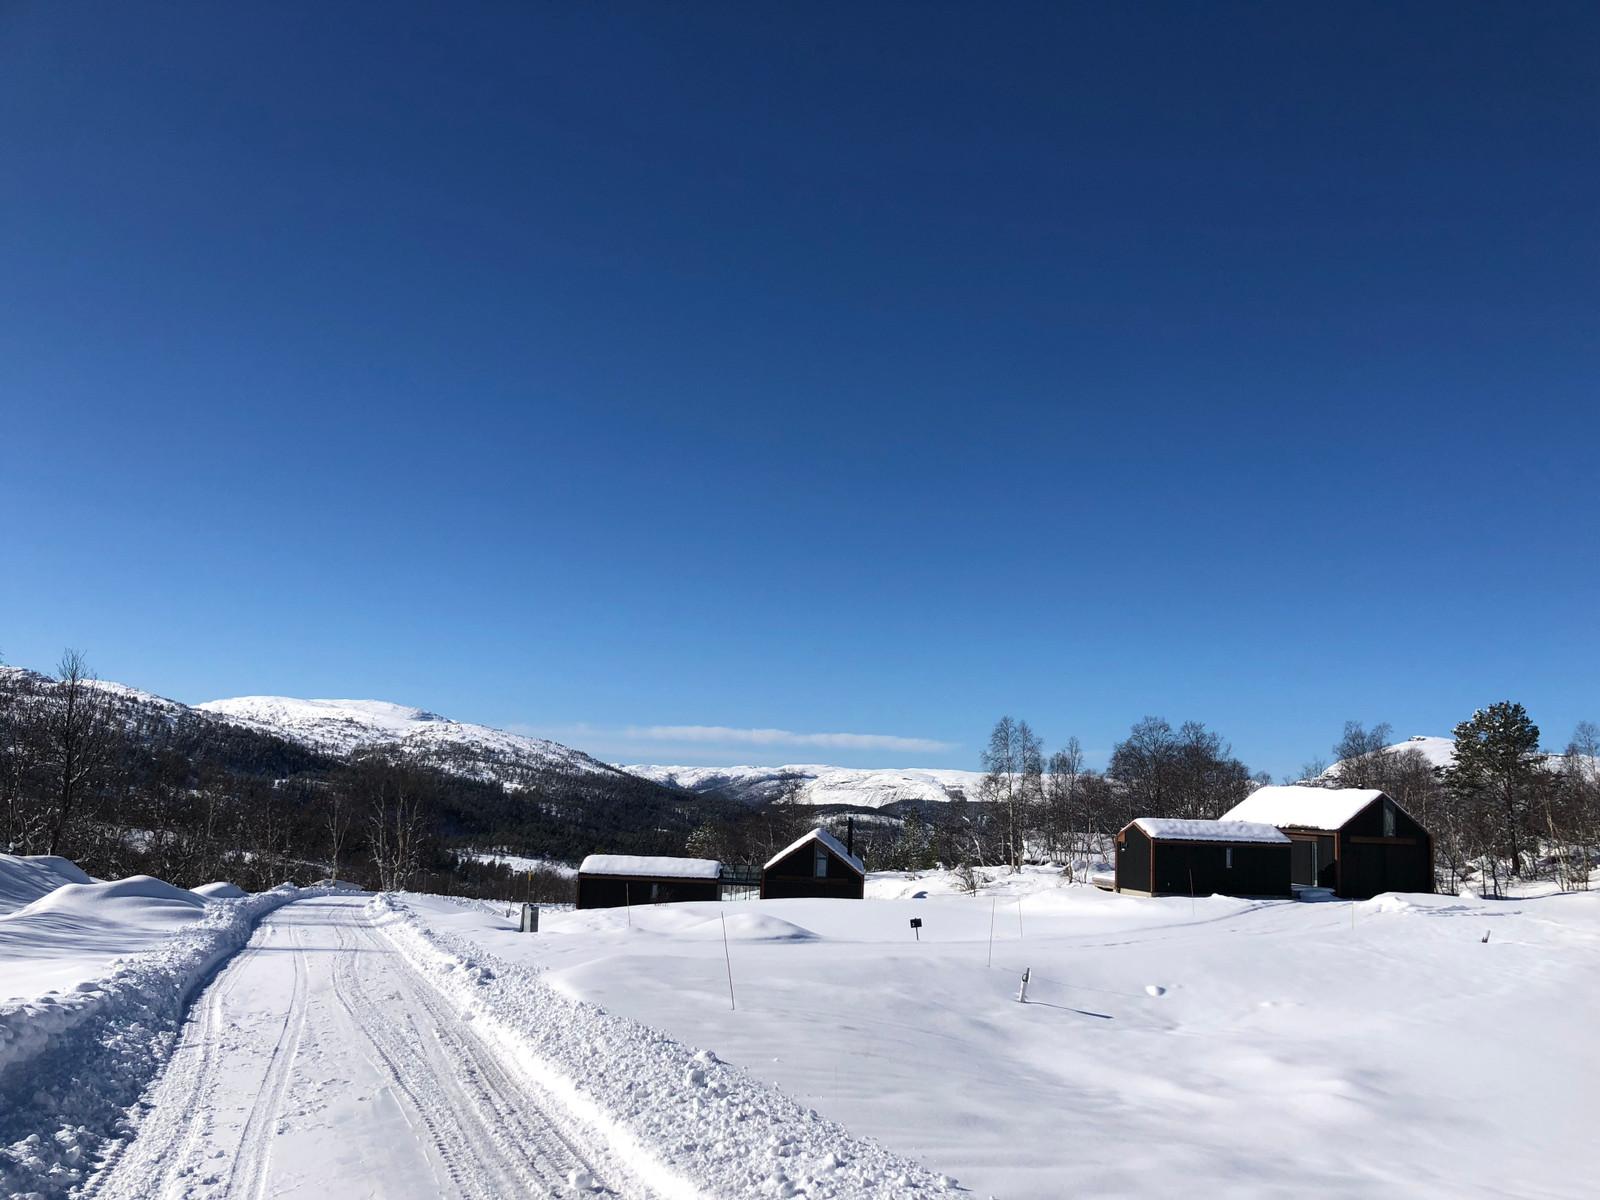 Bilder fra Hattevarden Knaben, og området rundt.  Hyttene ligger lunt, med gode sol forhold, samt nydelig utsikt! Virkelig en perle på høyfjellet.